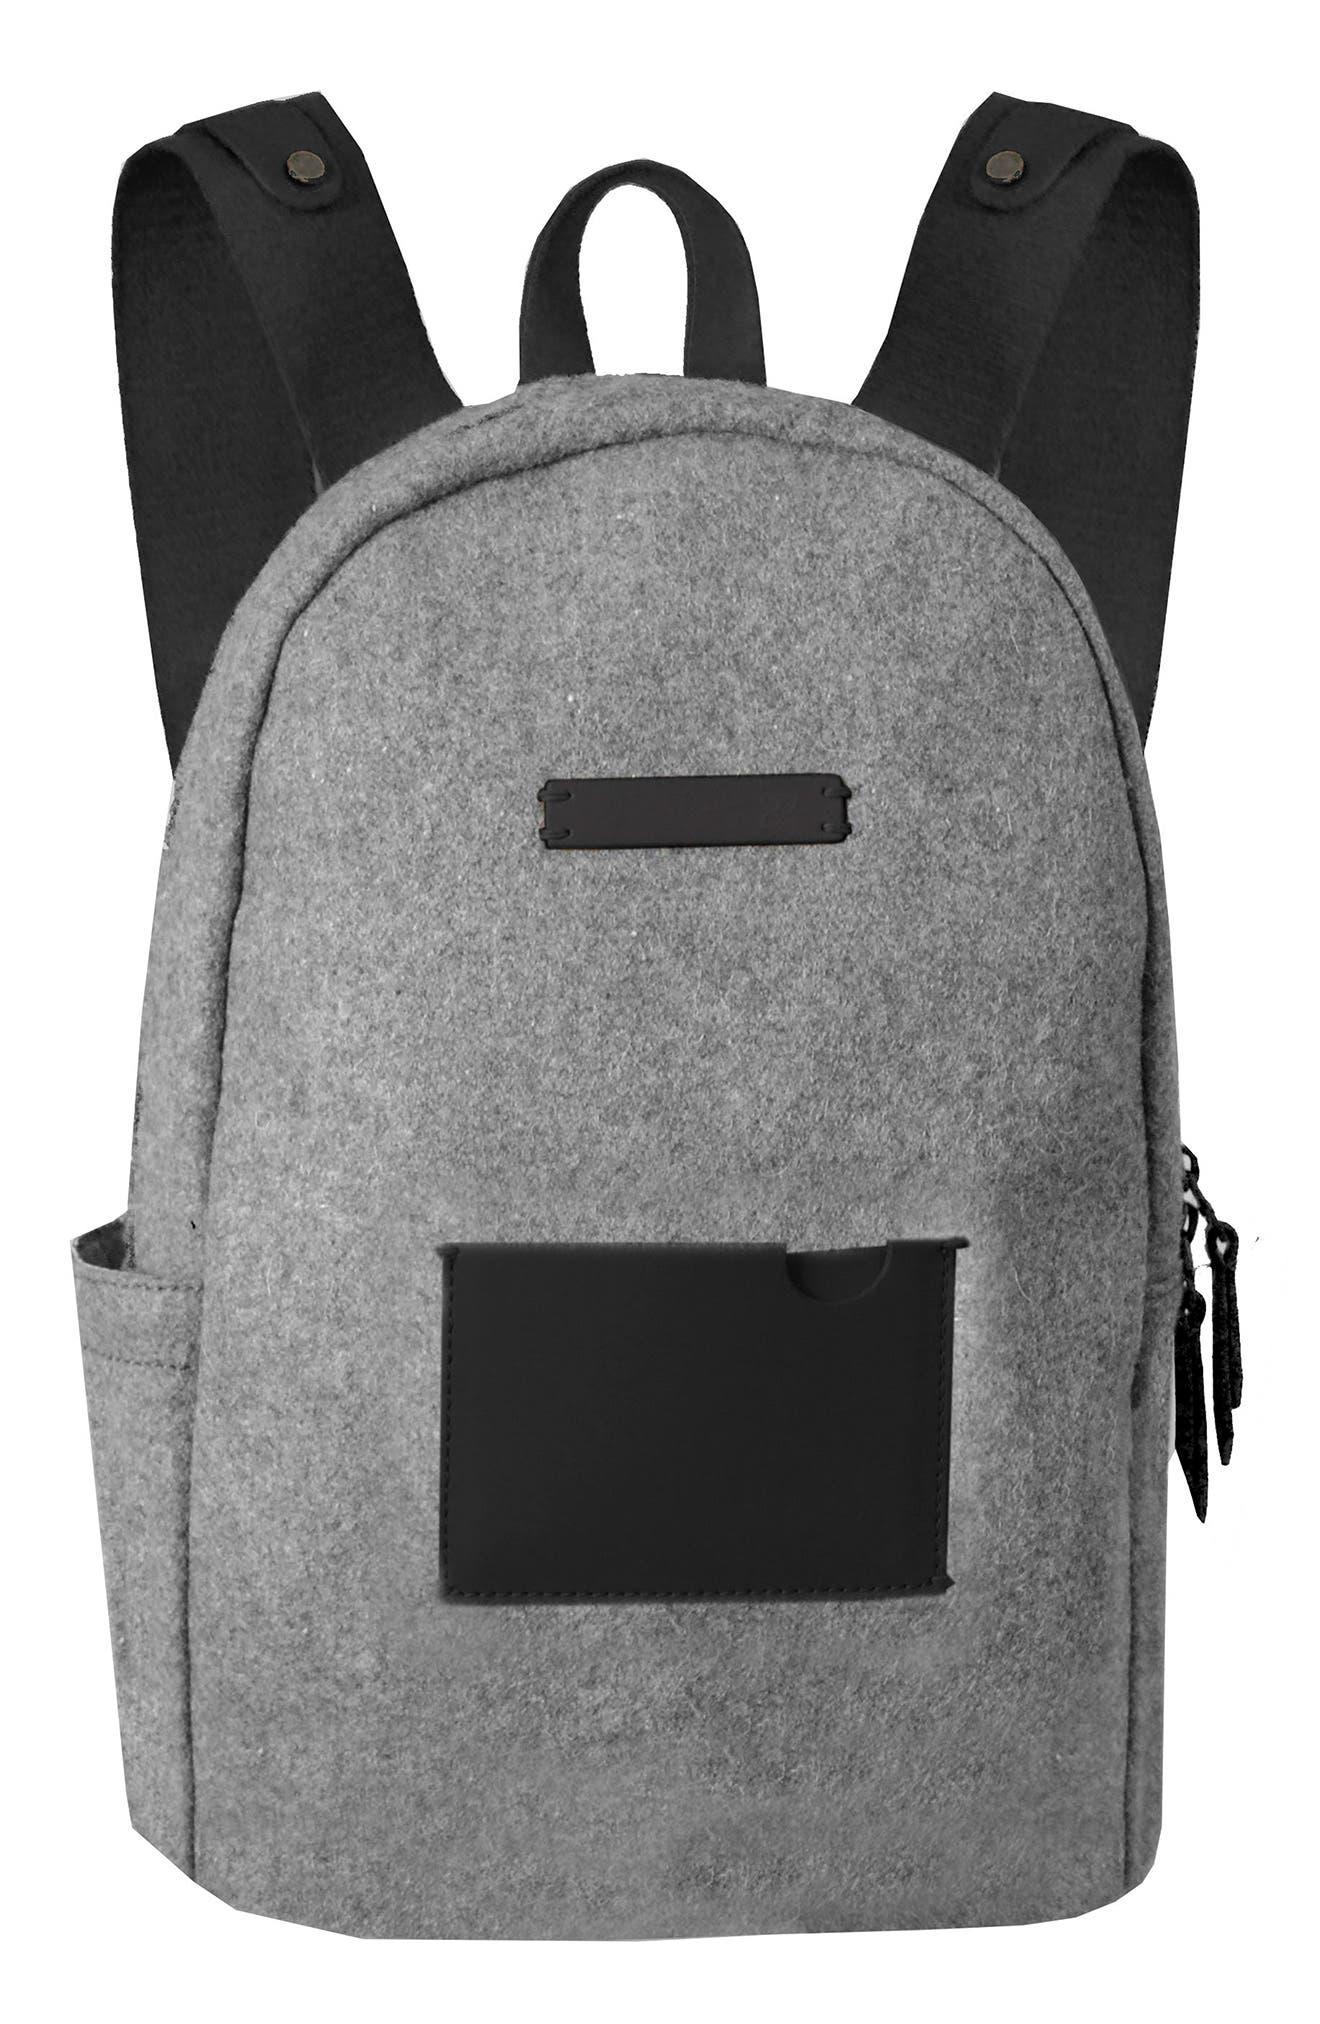 Indie Boiled Wool Backpack,                         Main,                         color, Slate